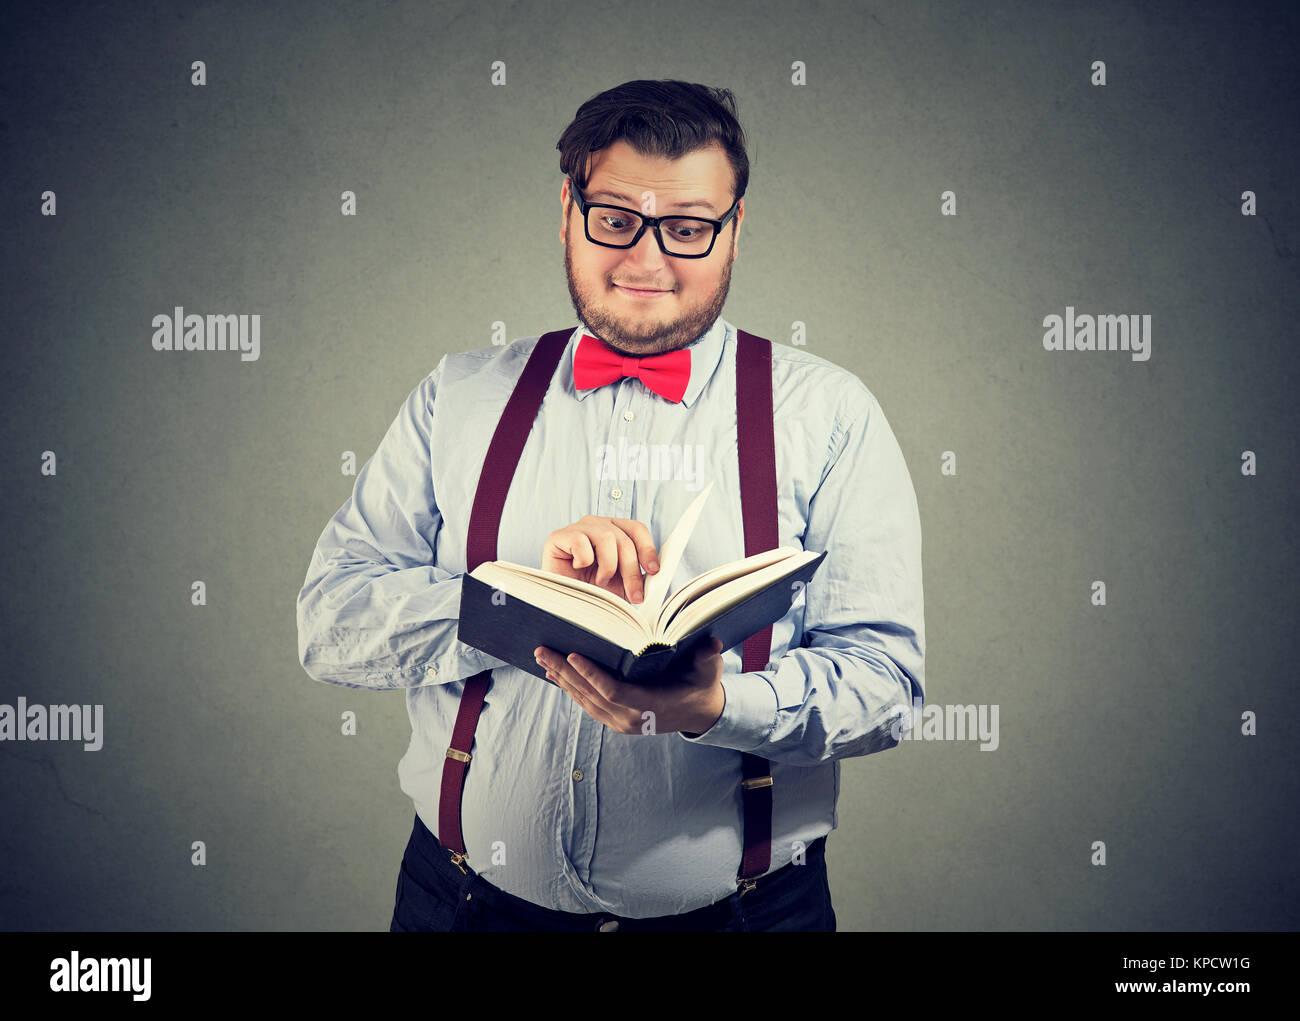 Contenu l'Homme à lunettes lecture livre intéressant à un peu étonné. Photo Stock